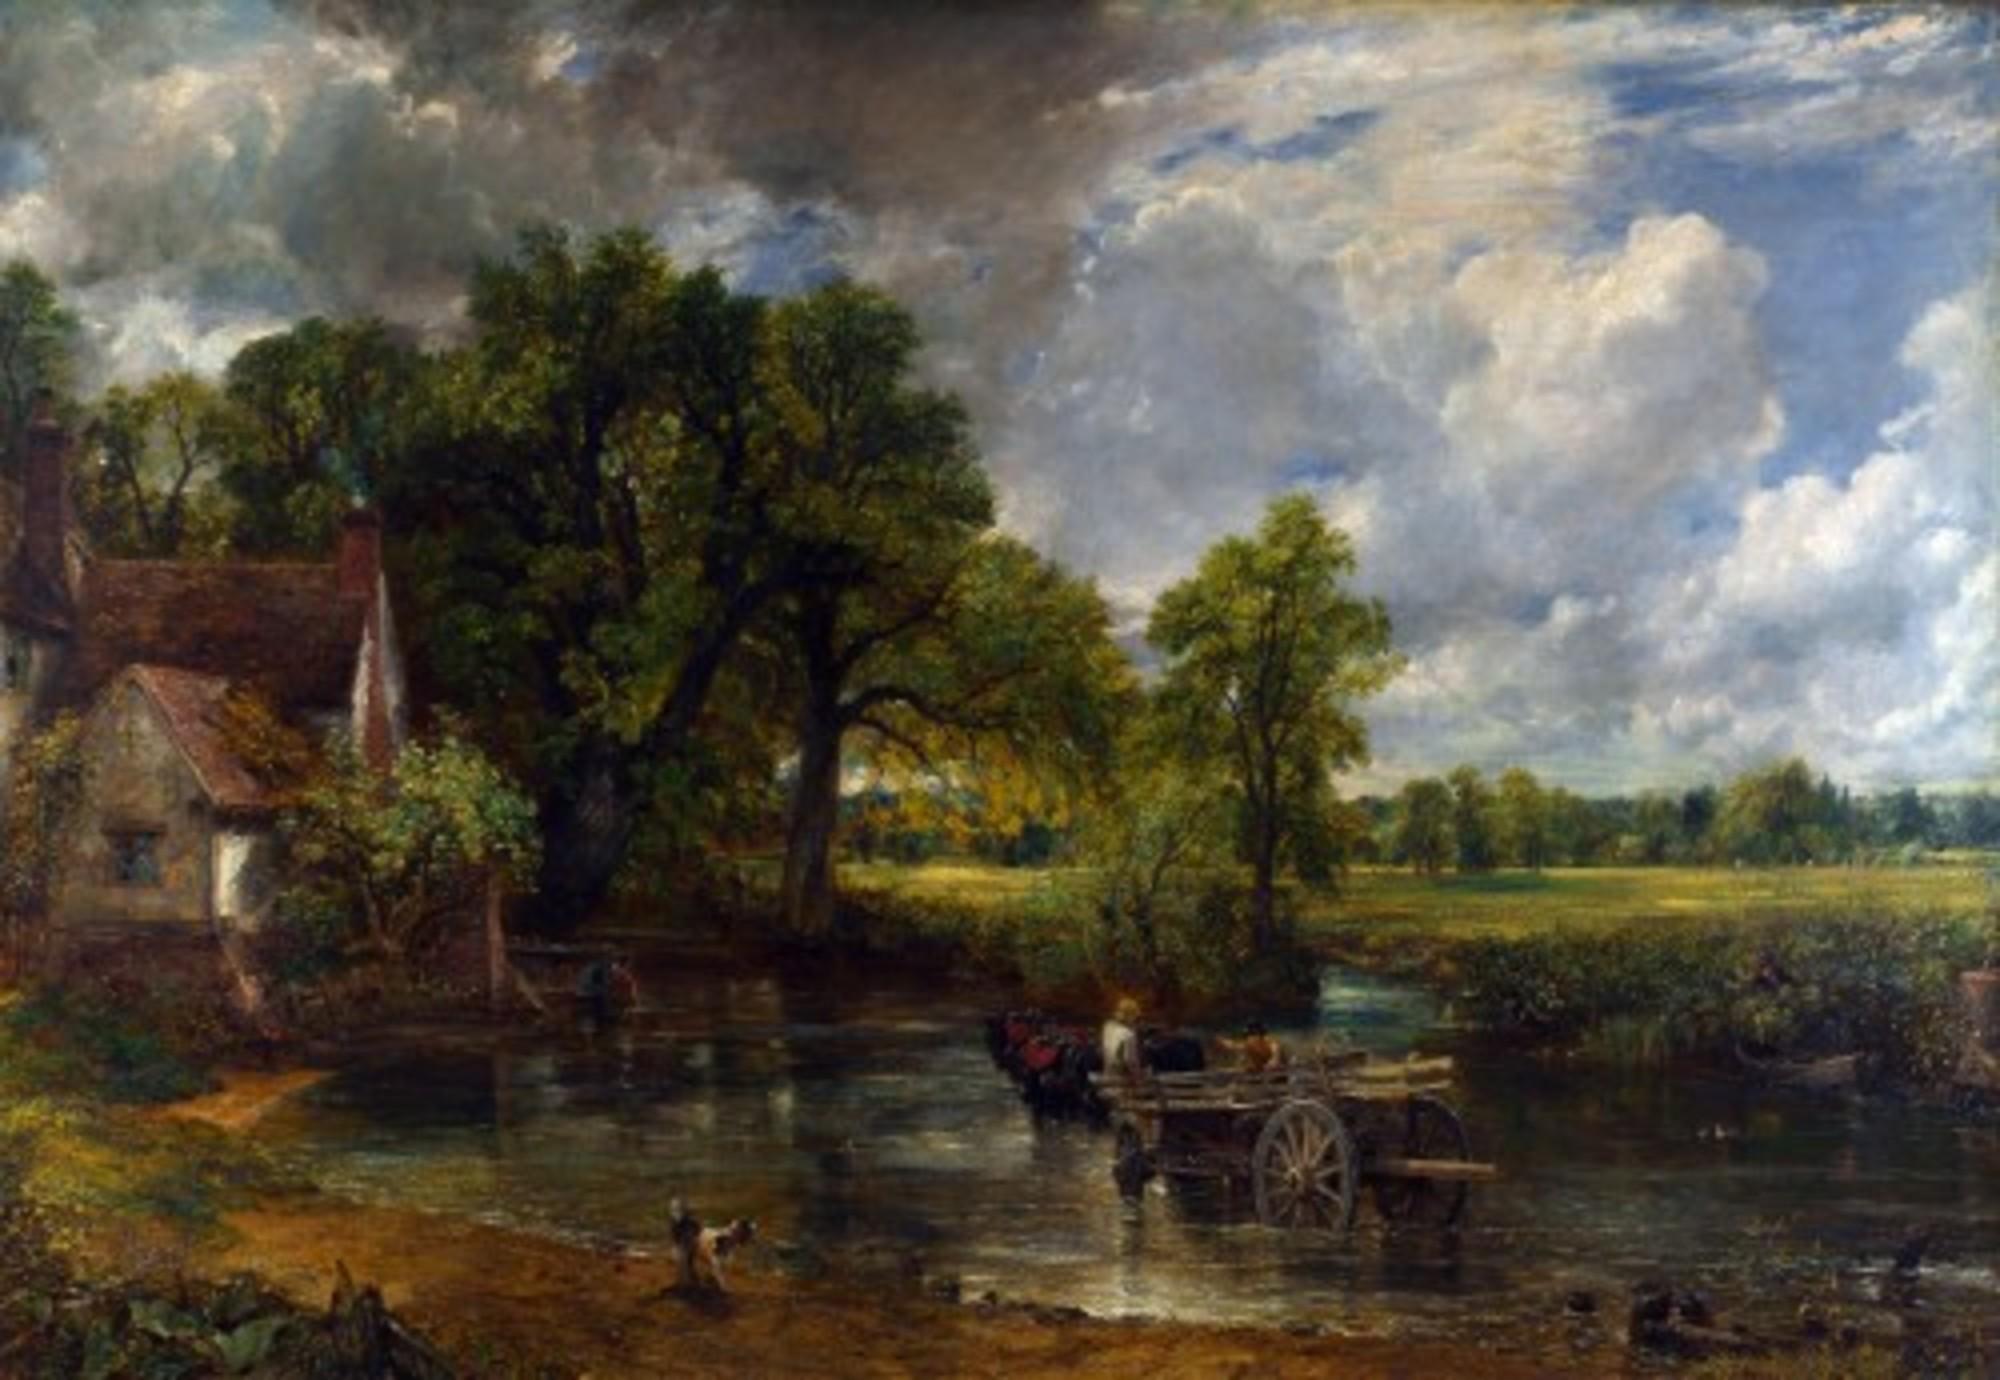 John Constable The Hay Wain (1821)